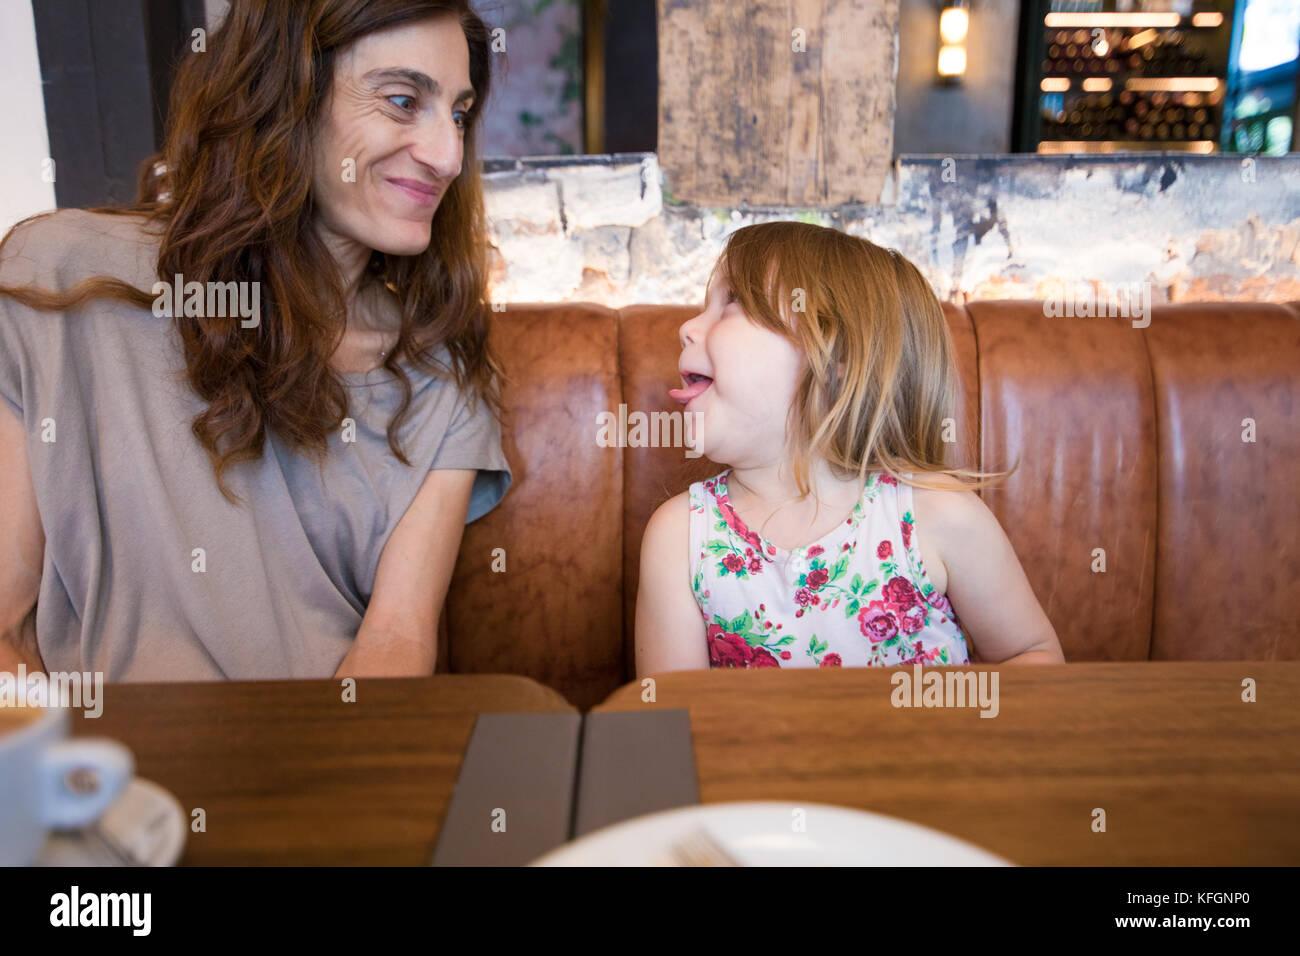 Lustige Ausschreibung Szene. Vier Jahre alter Blonde glückliches Mädchen ihre Zunge heraus, lächelnde Stockbild